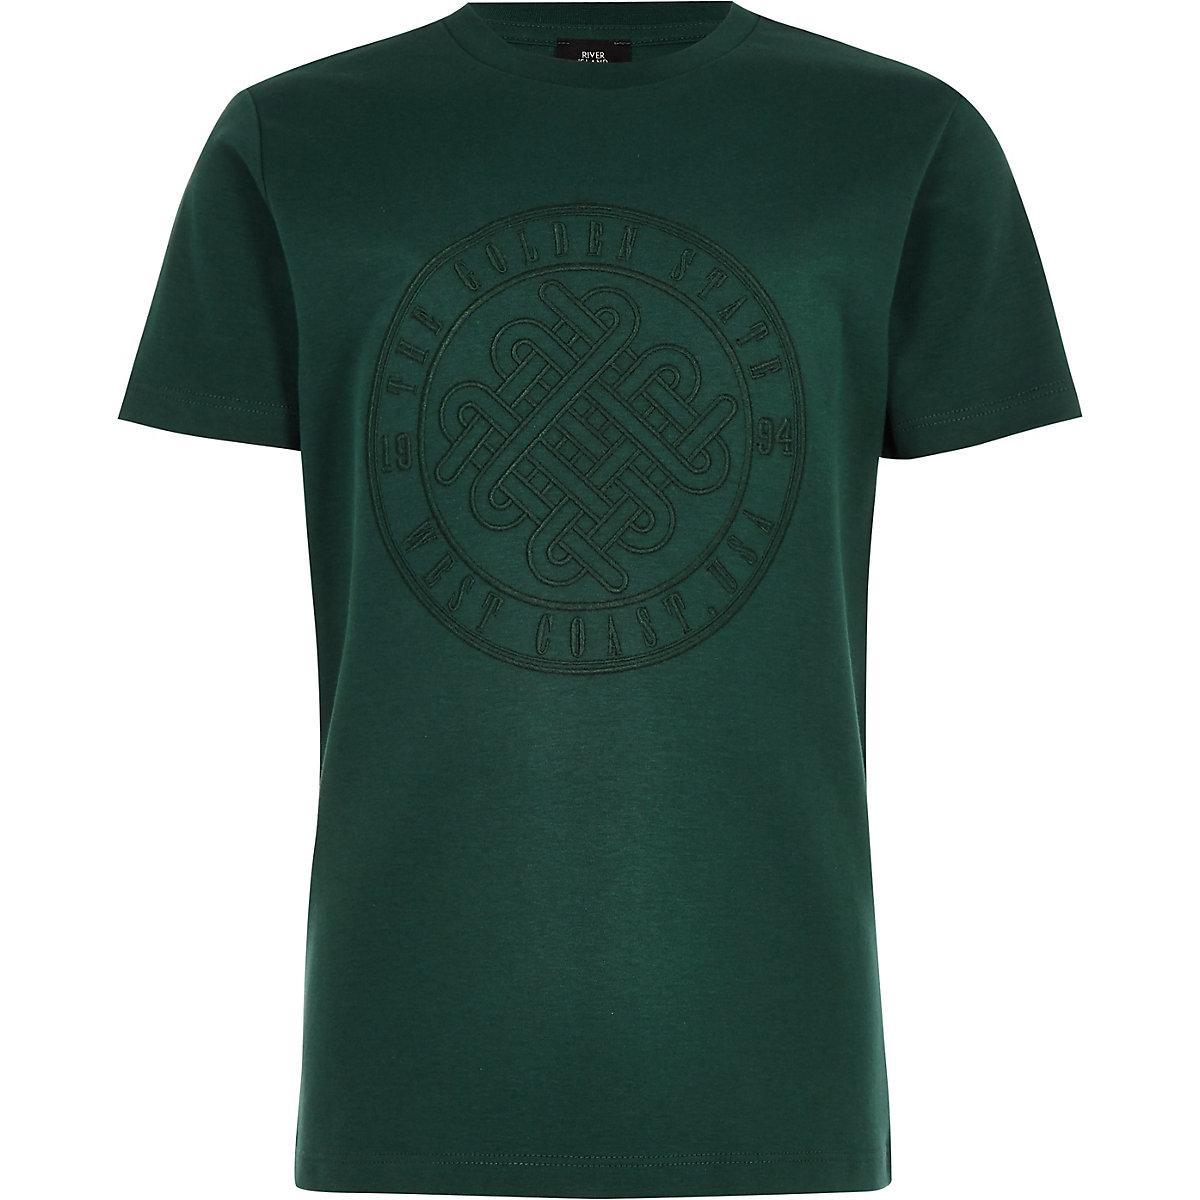 Boys green 'Golden state' T-shirt